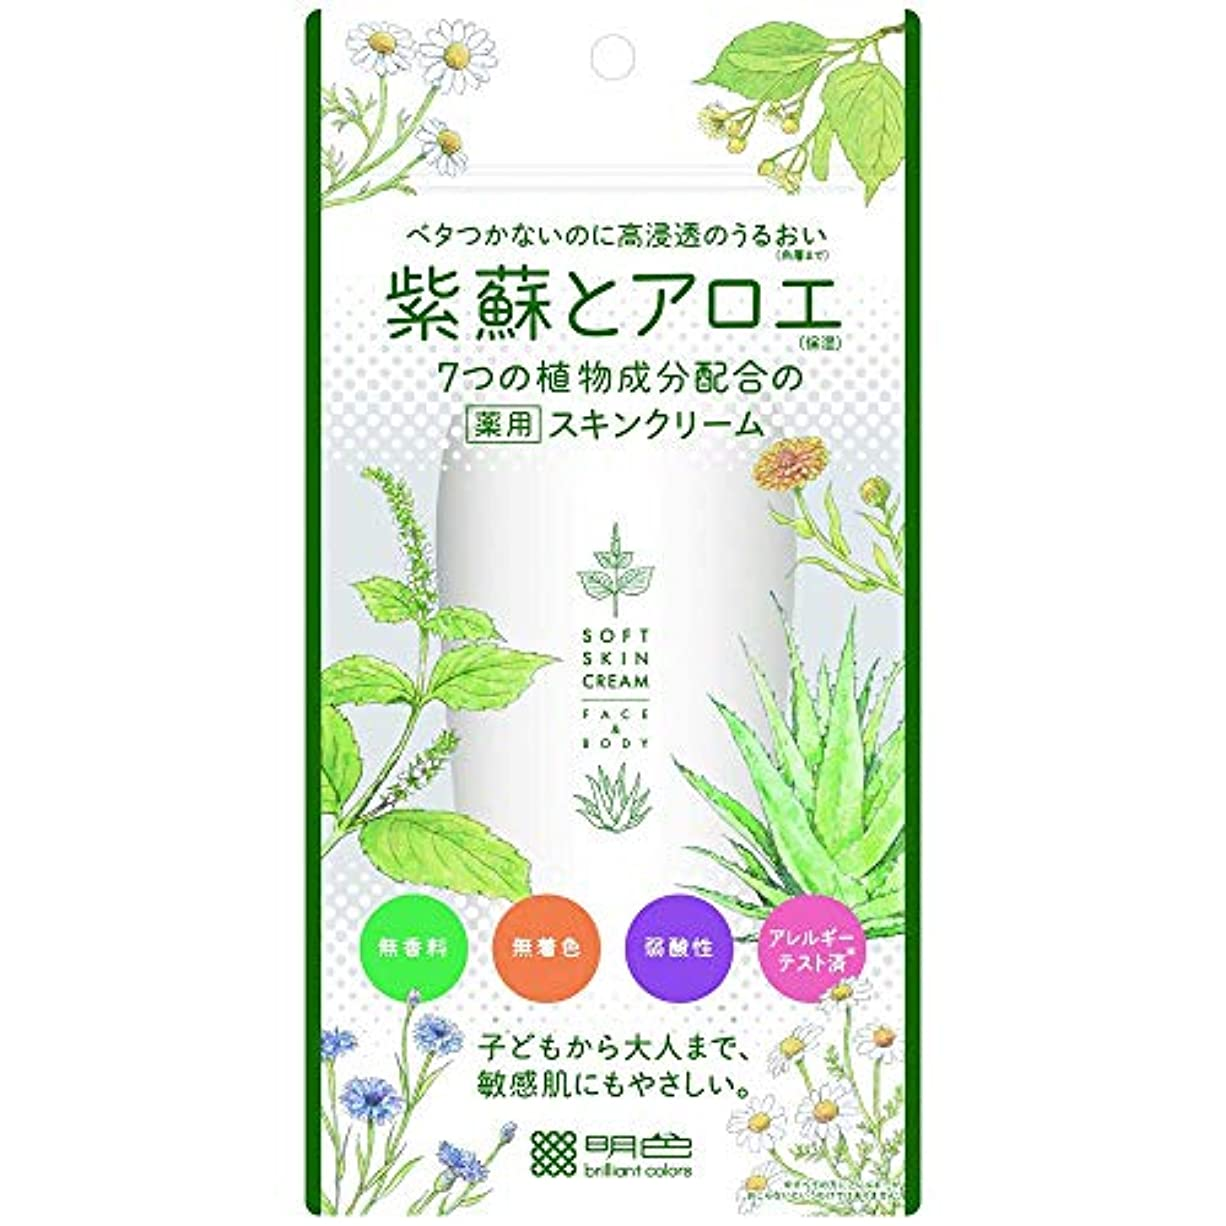 【8個セット】紫蘇とアロエ 薬用スキンクリーム 190g